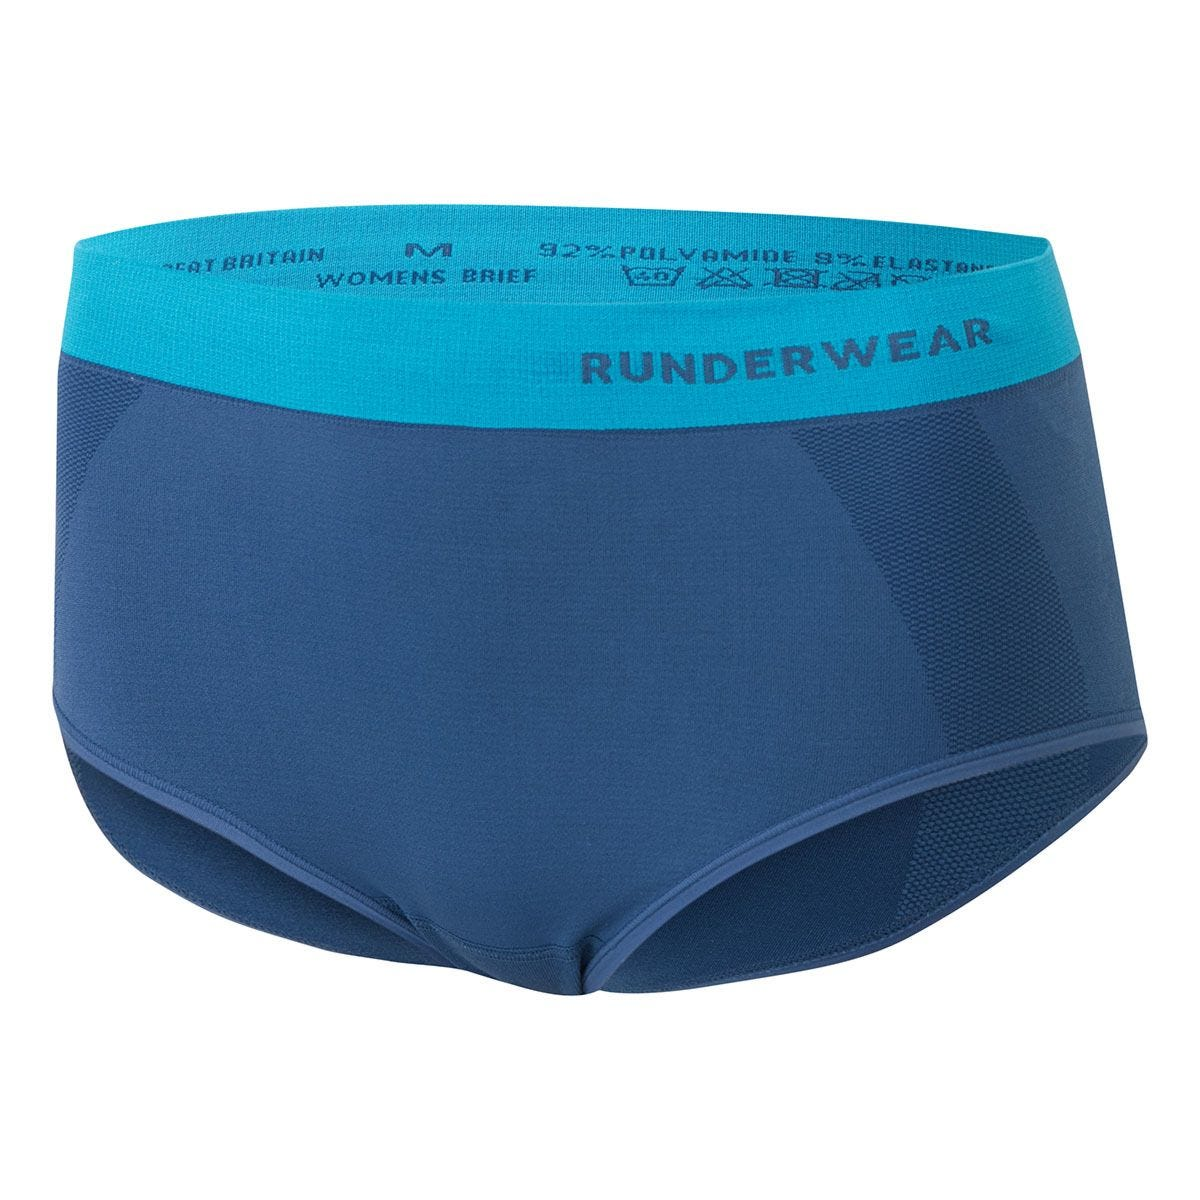 Runderwear Women's Running Briefs Small - Blue